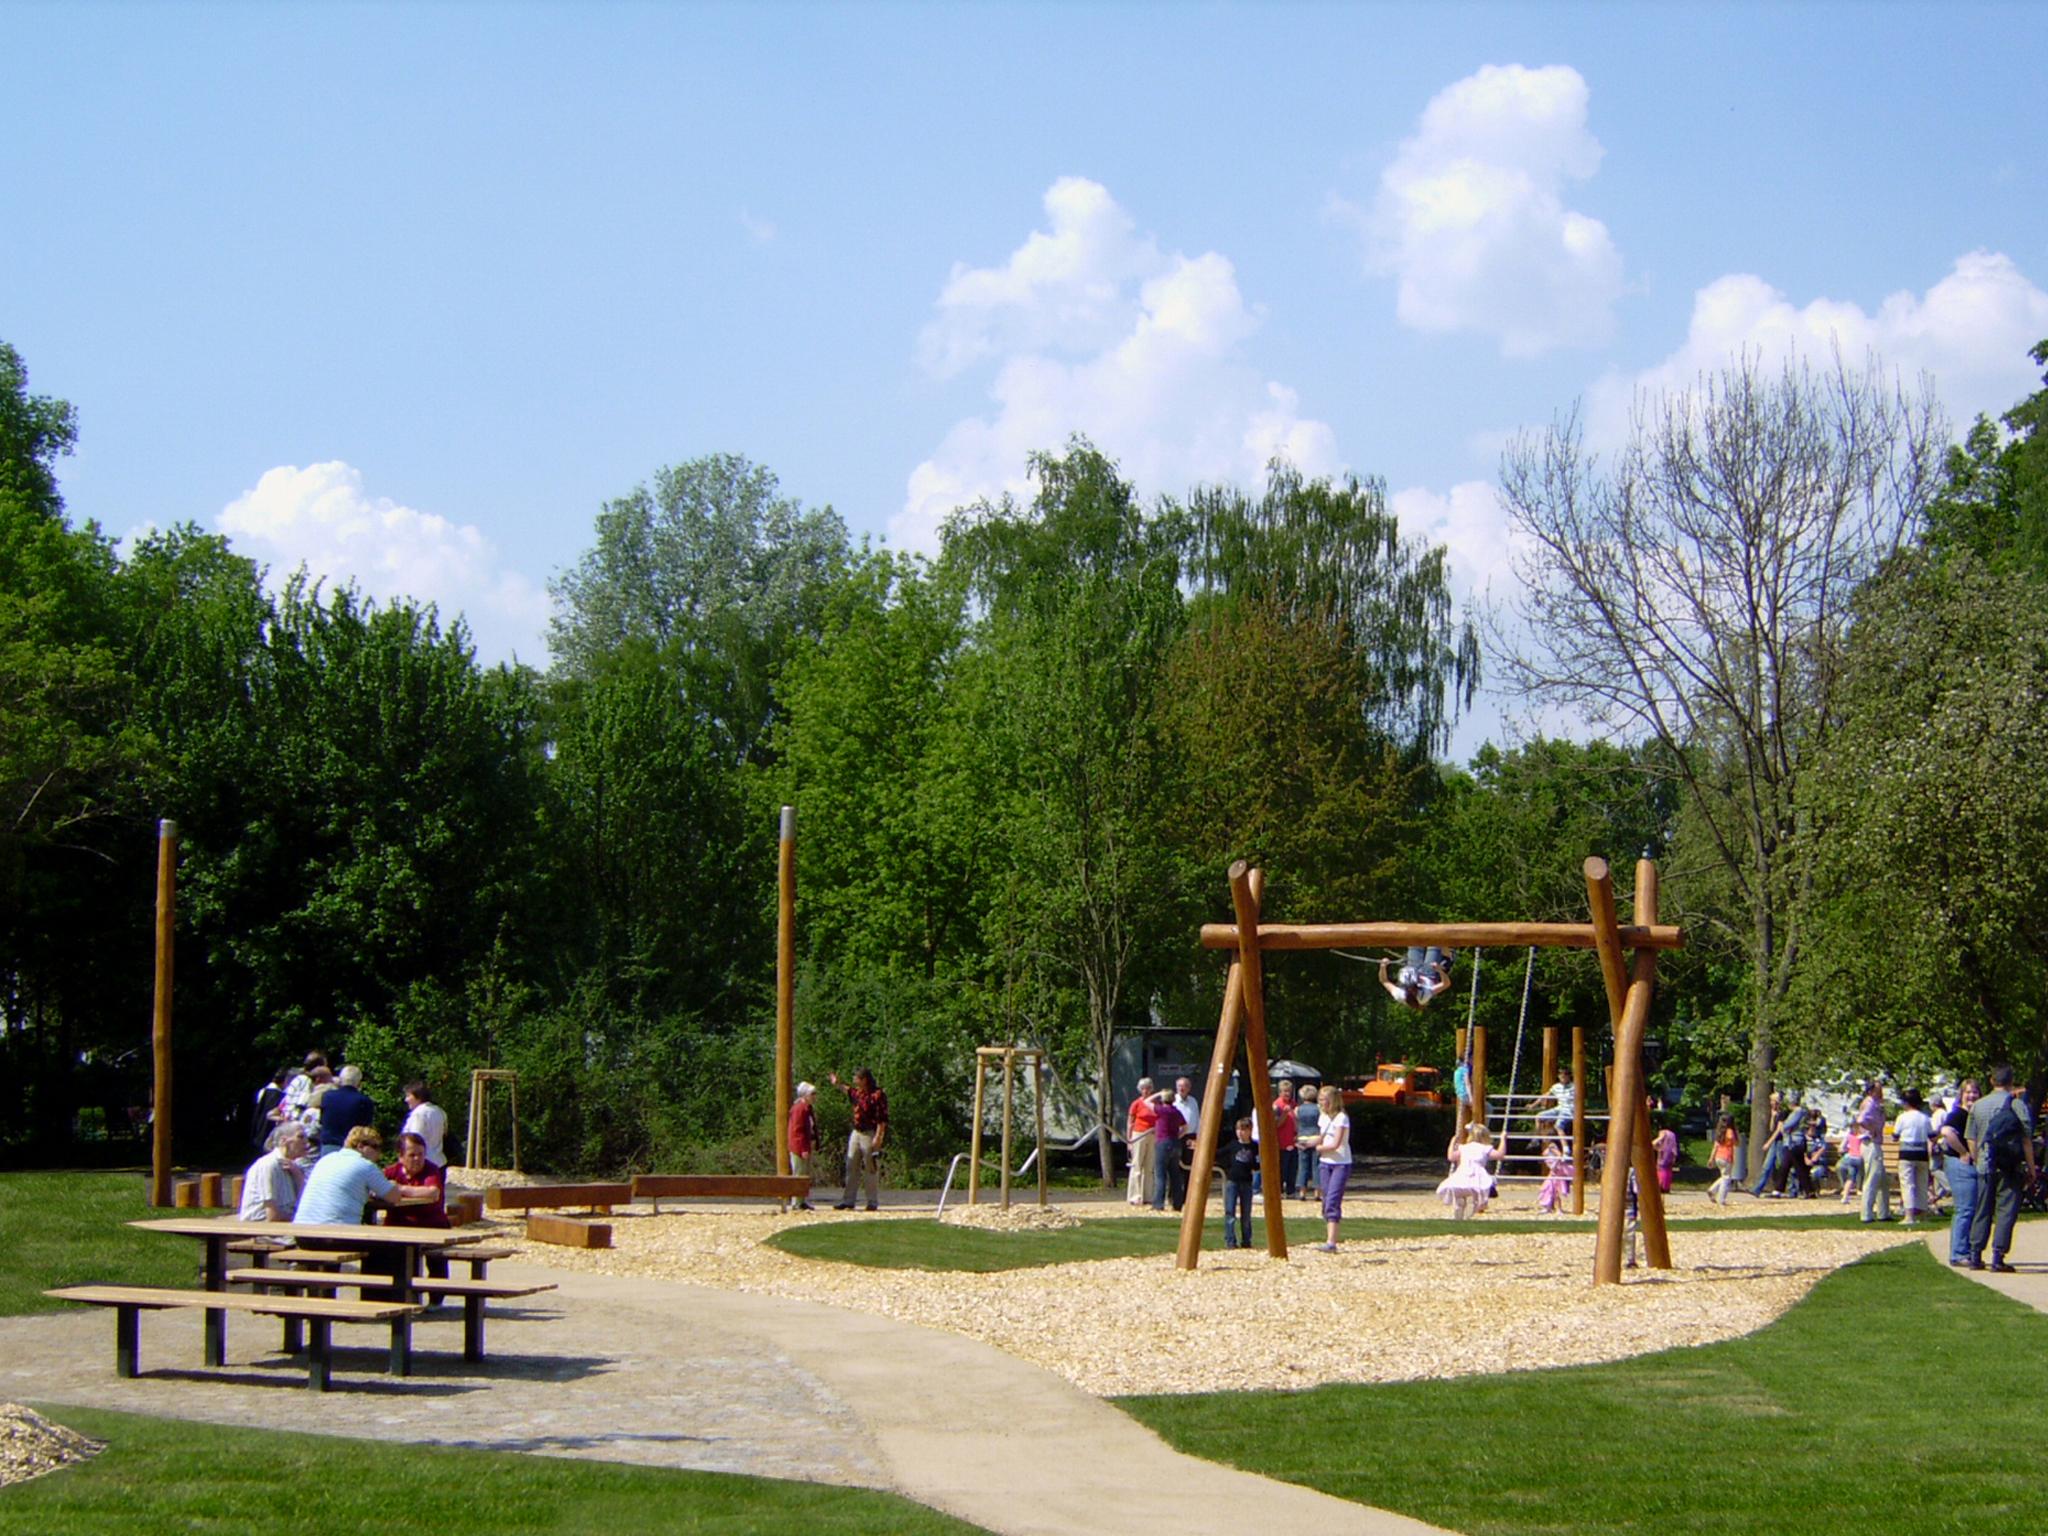 Stadtpark Zossen6 a8